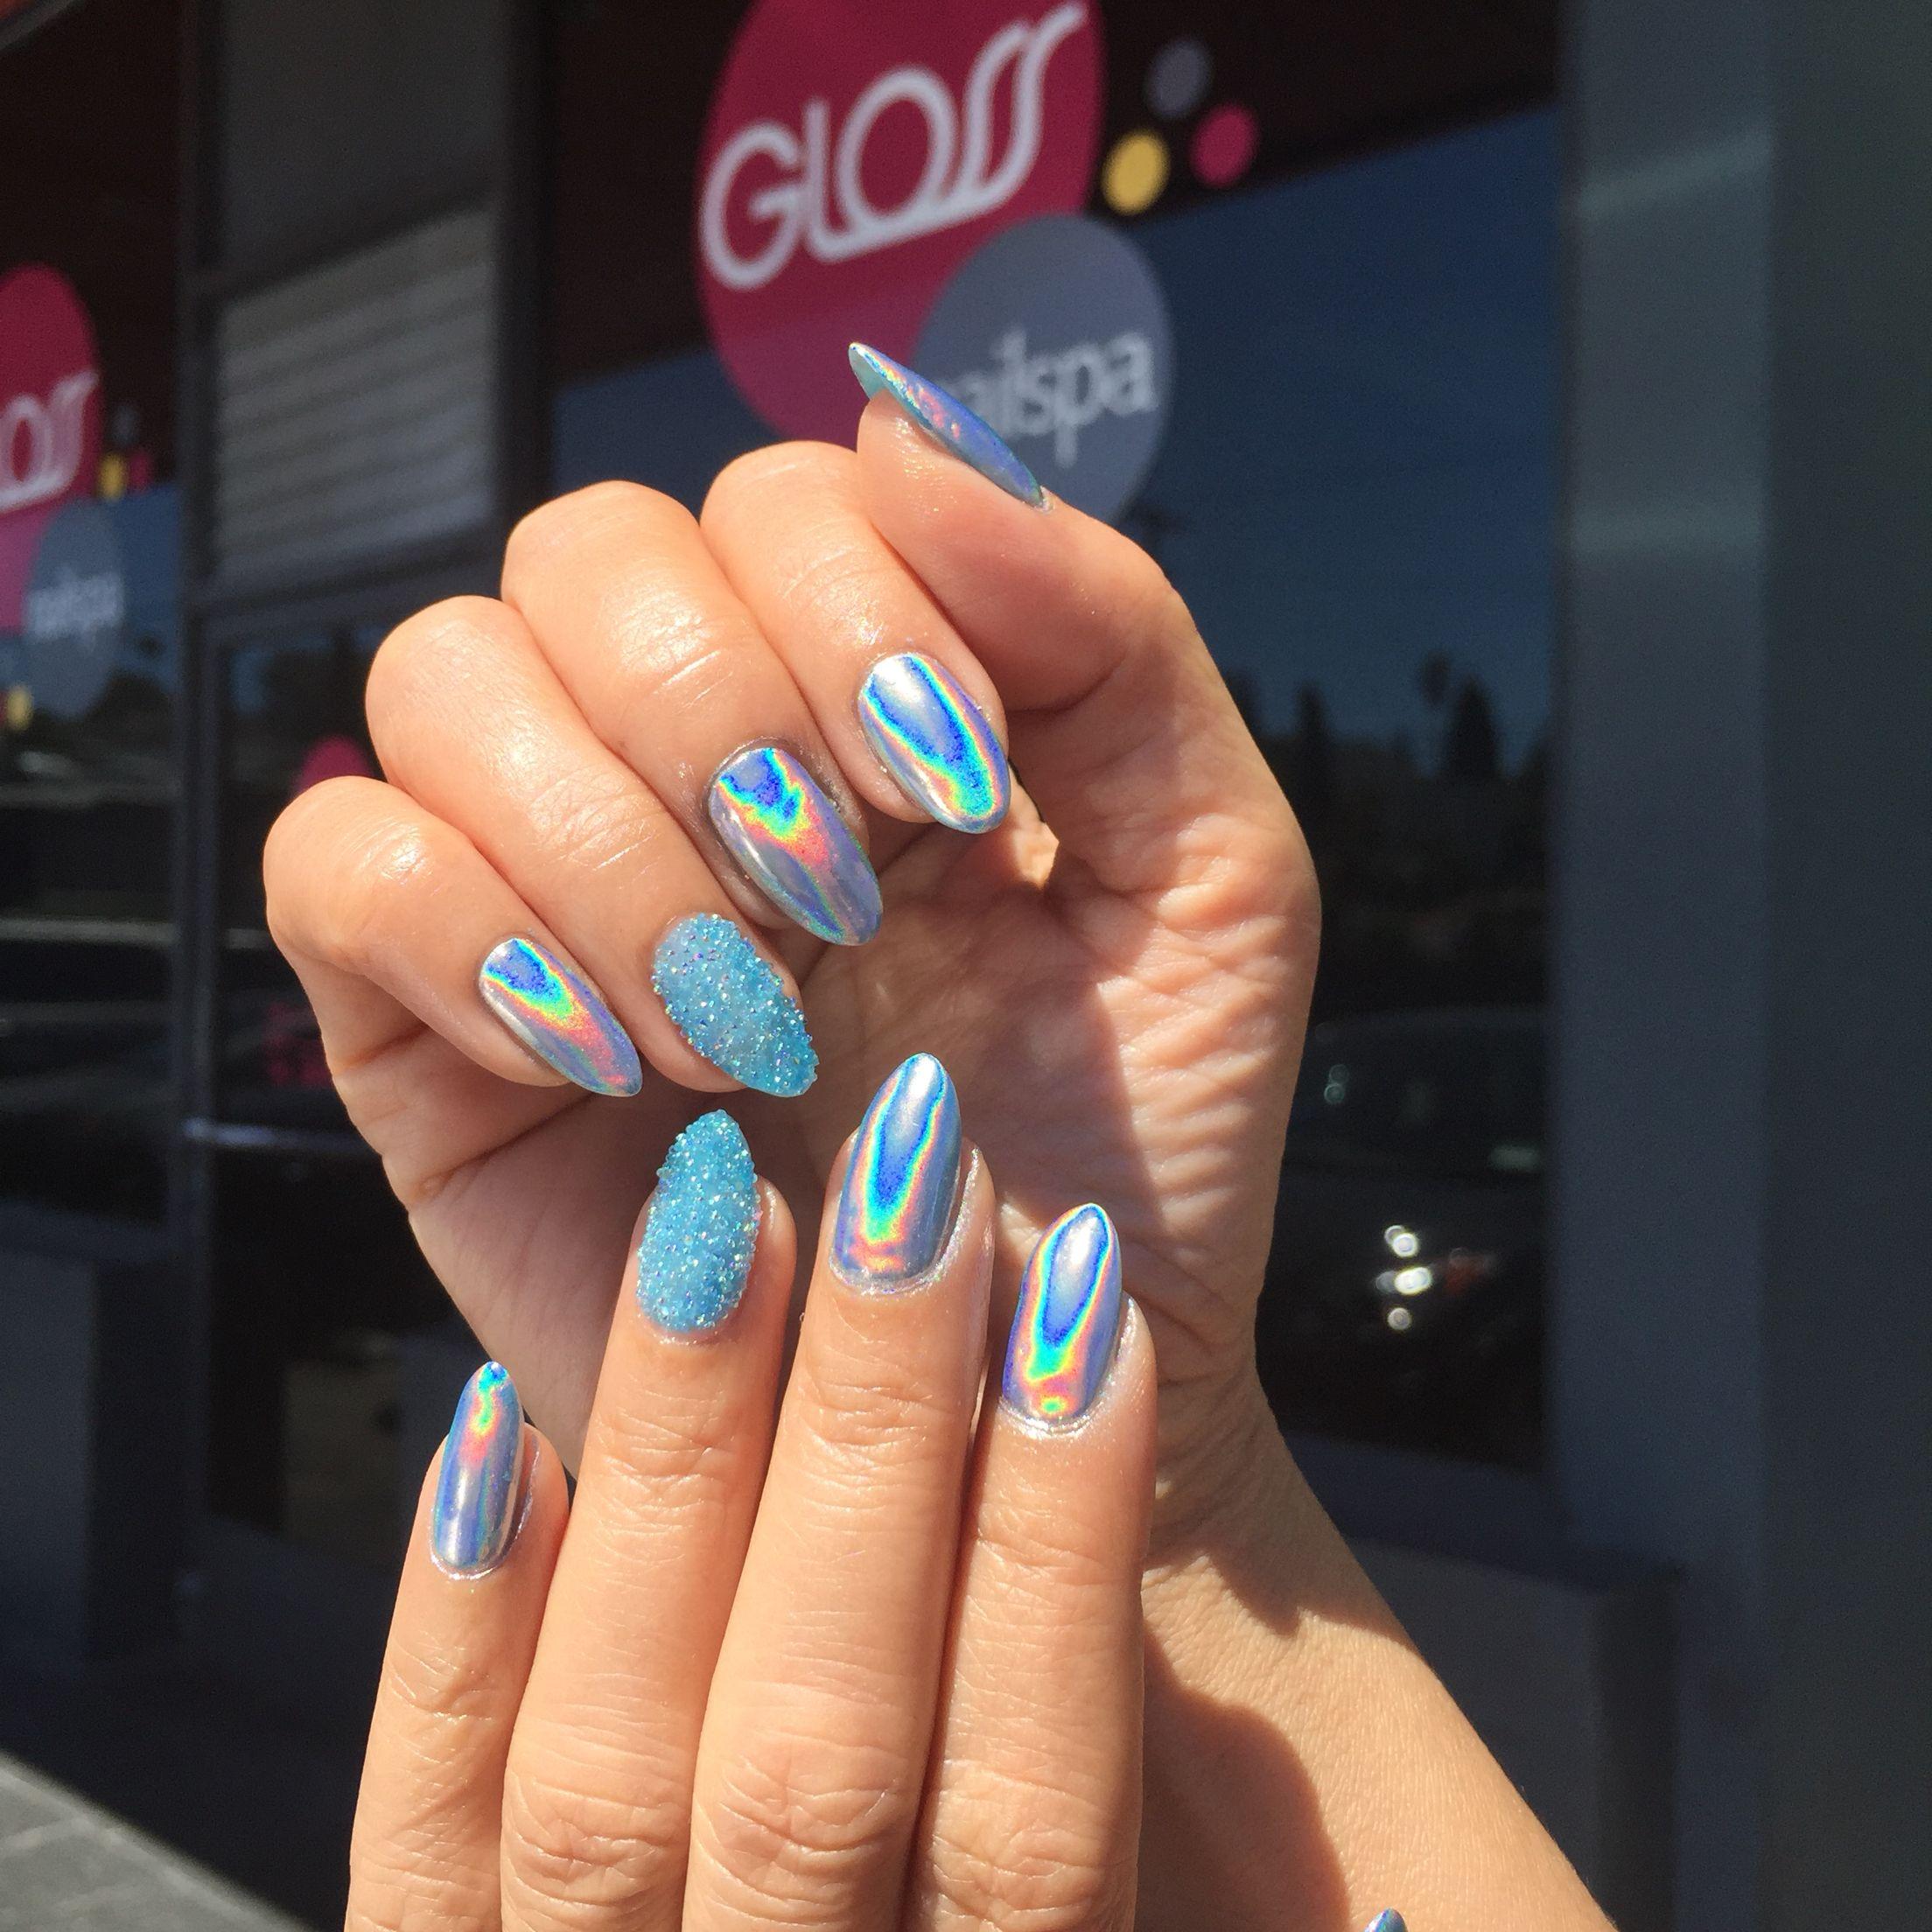 pinterest//pmooose   nails   Pinterest   Makeup, Nail inspo and Nail ...